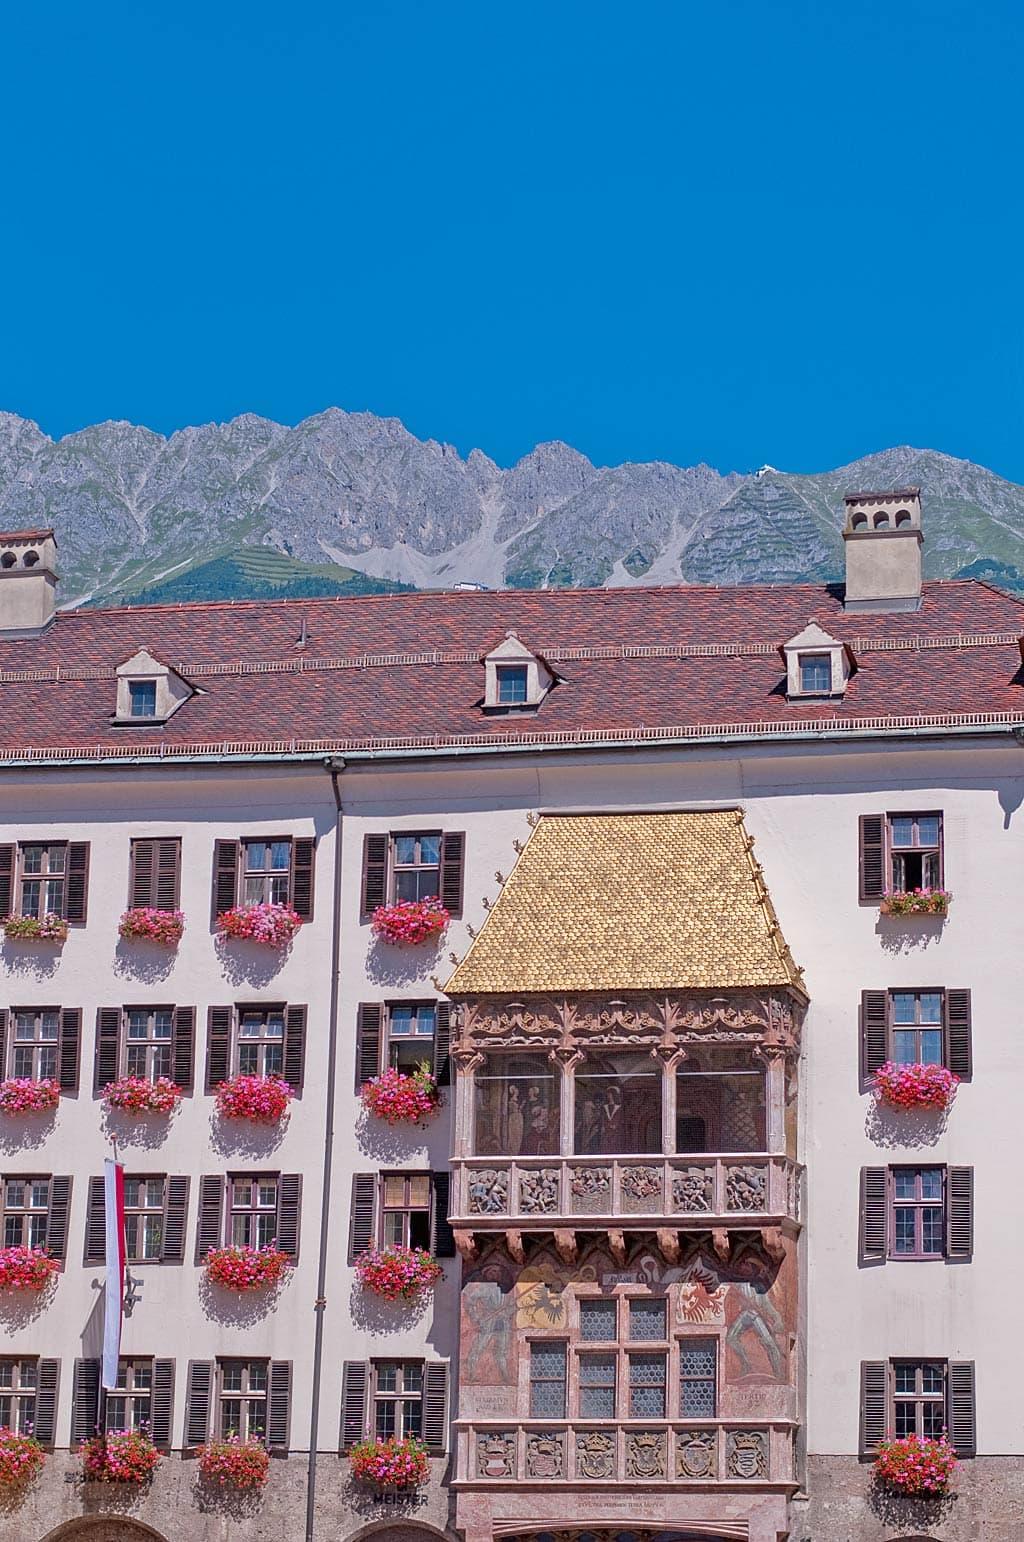 Innsbruck's beroemde Goldenes Dachl